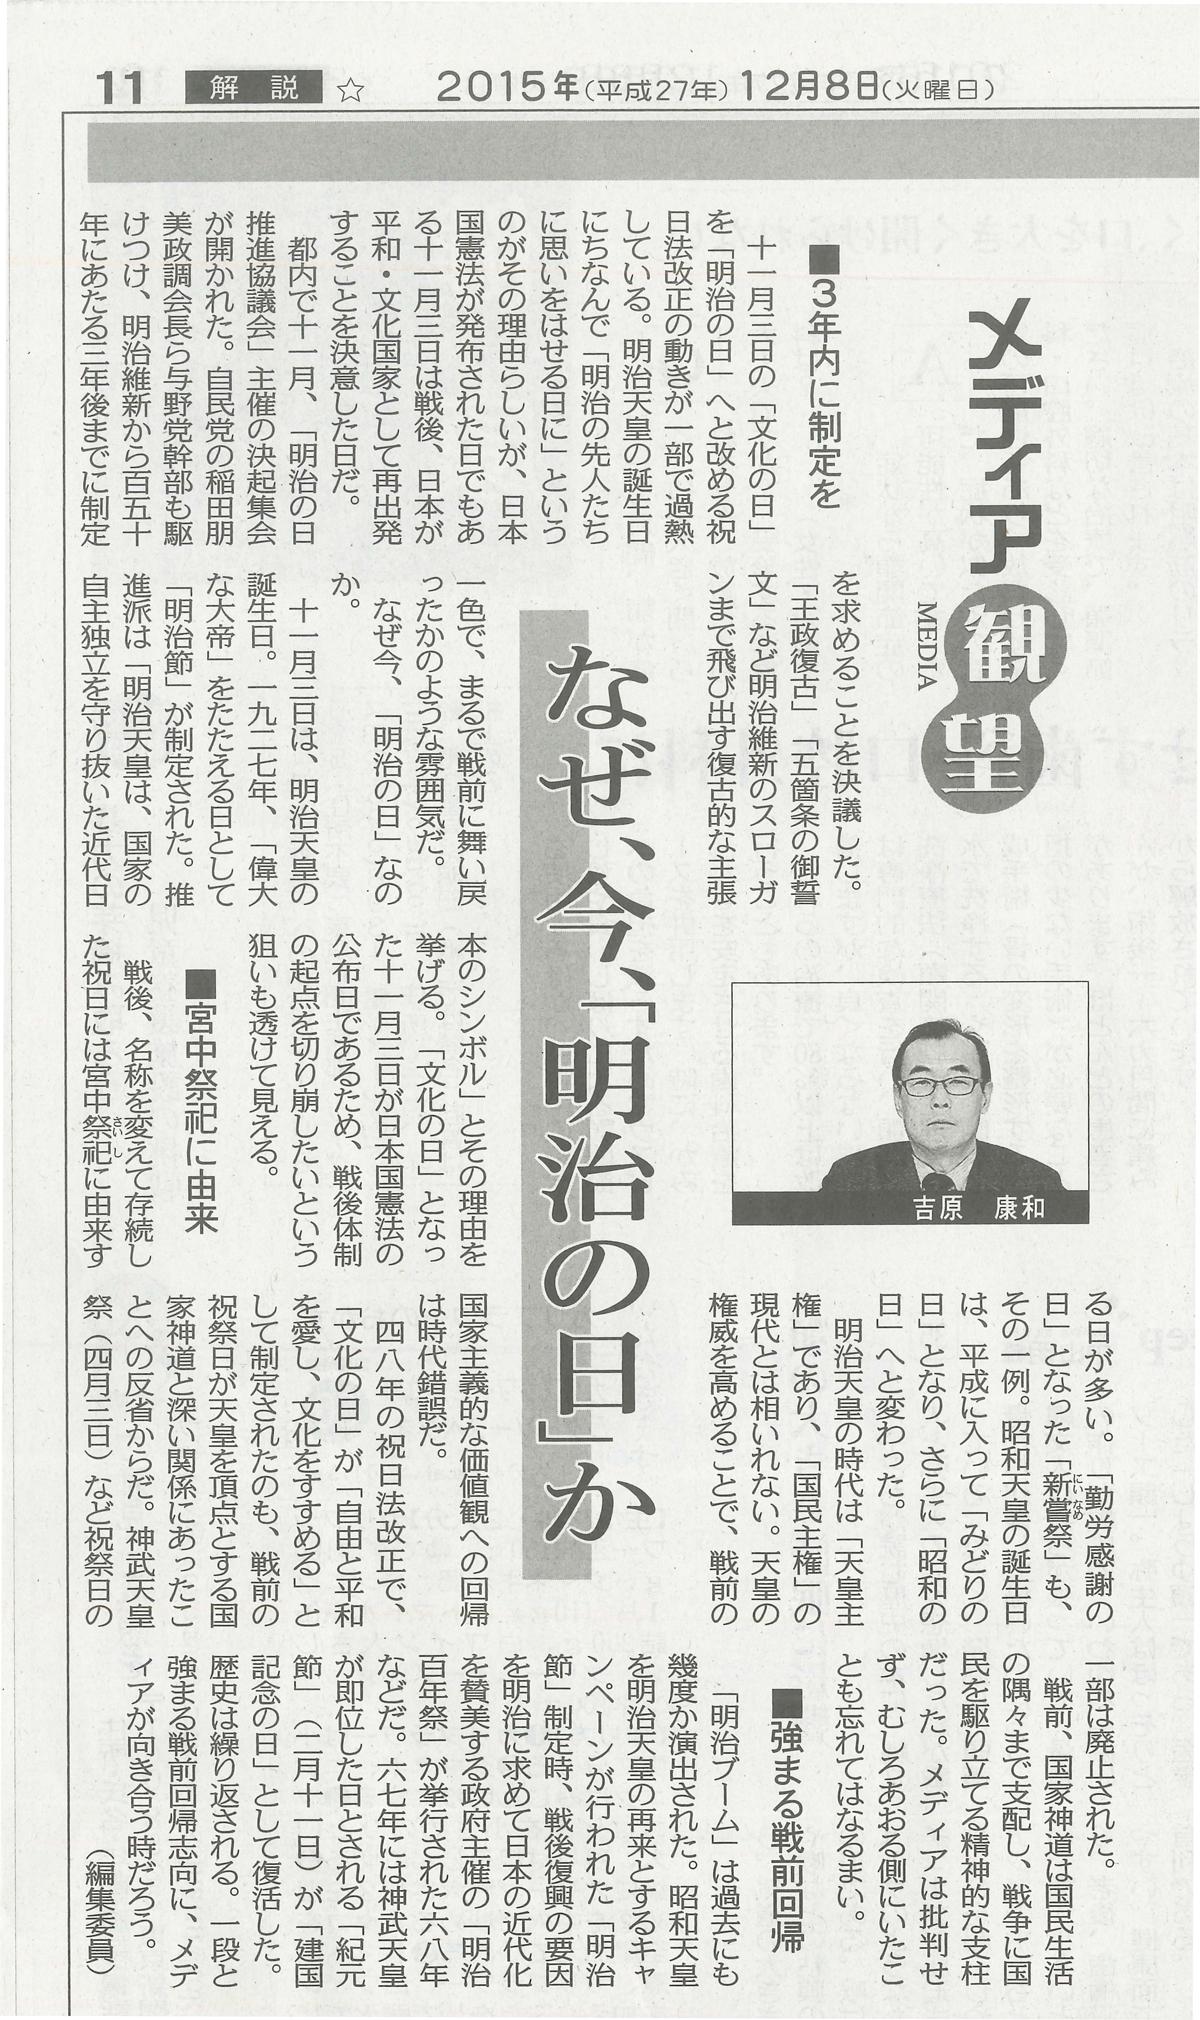 【東京新聞】271208なぜ、今、「明治の日」か